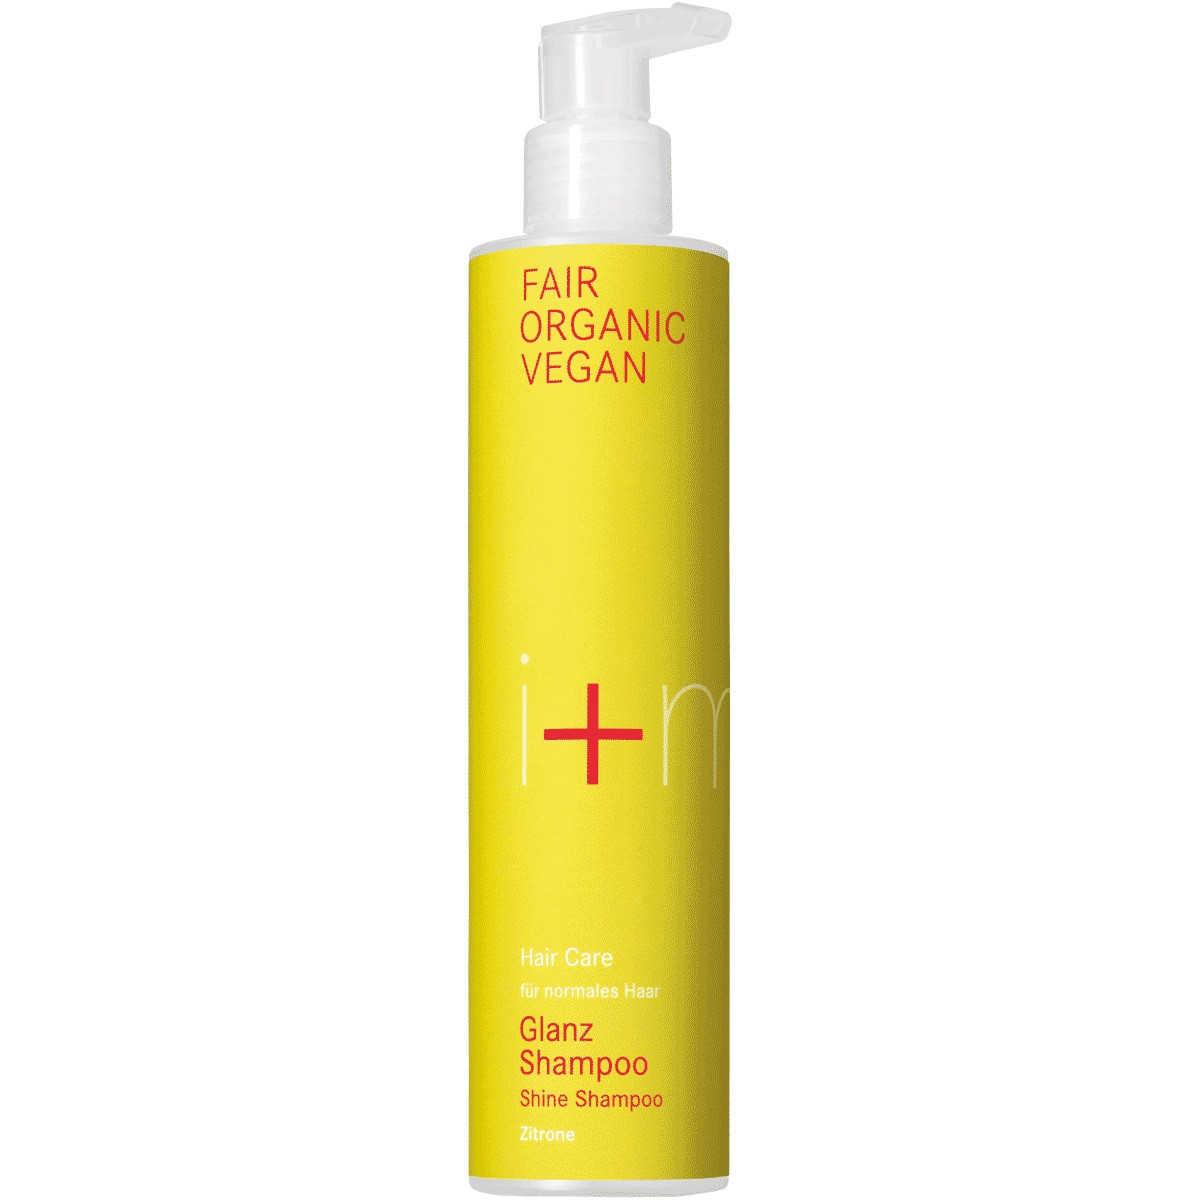 i+m Hair Care Glanz Shampoo